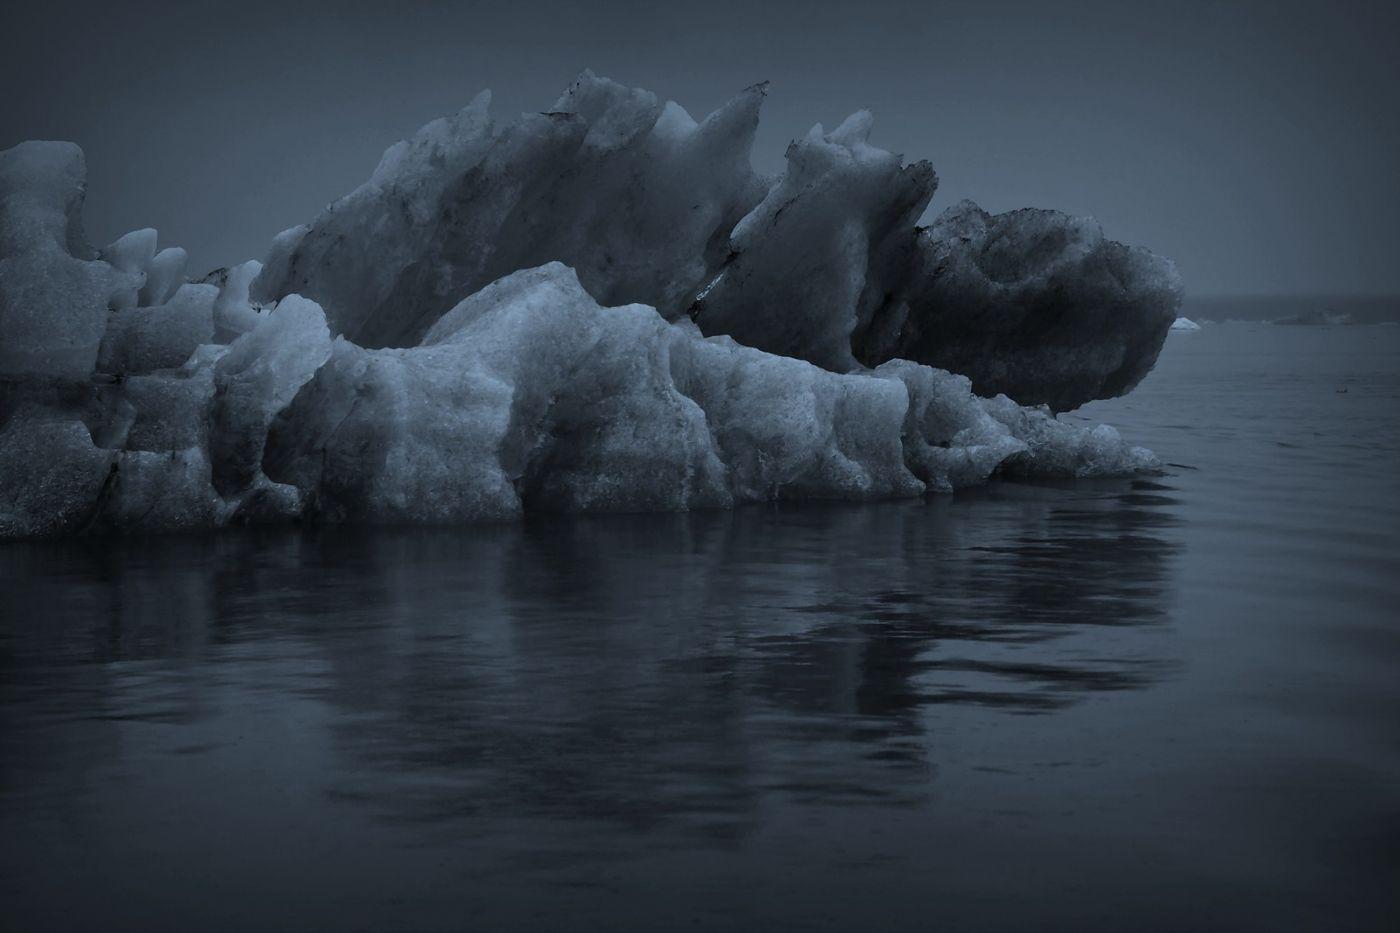 冰岛冰川泻湖(Glacier Lagoon), 湖面上冰川_图1-12